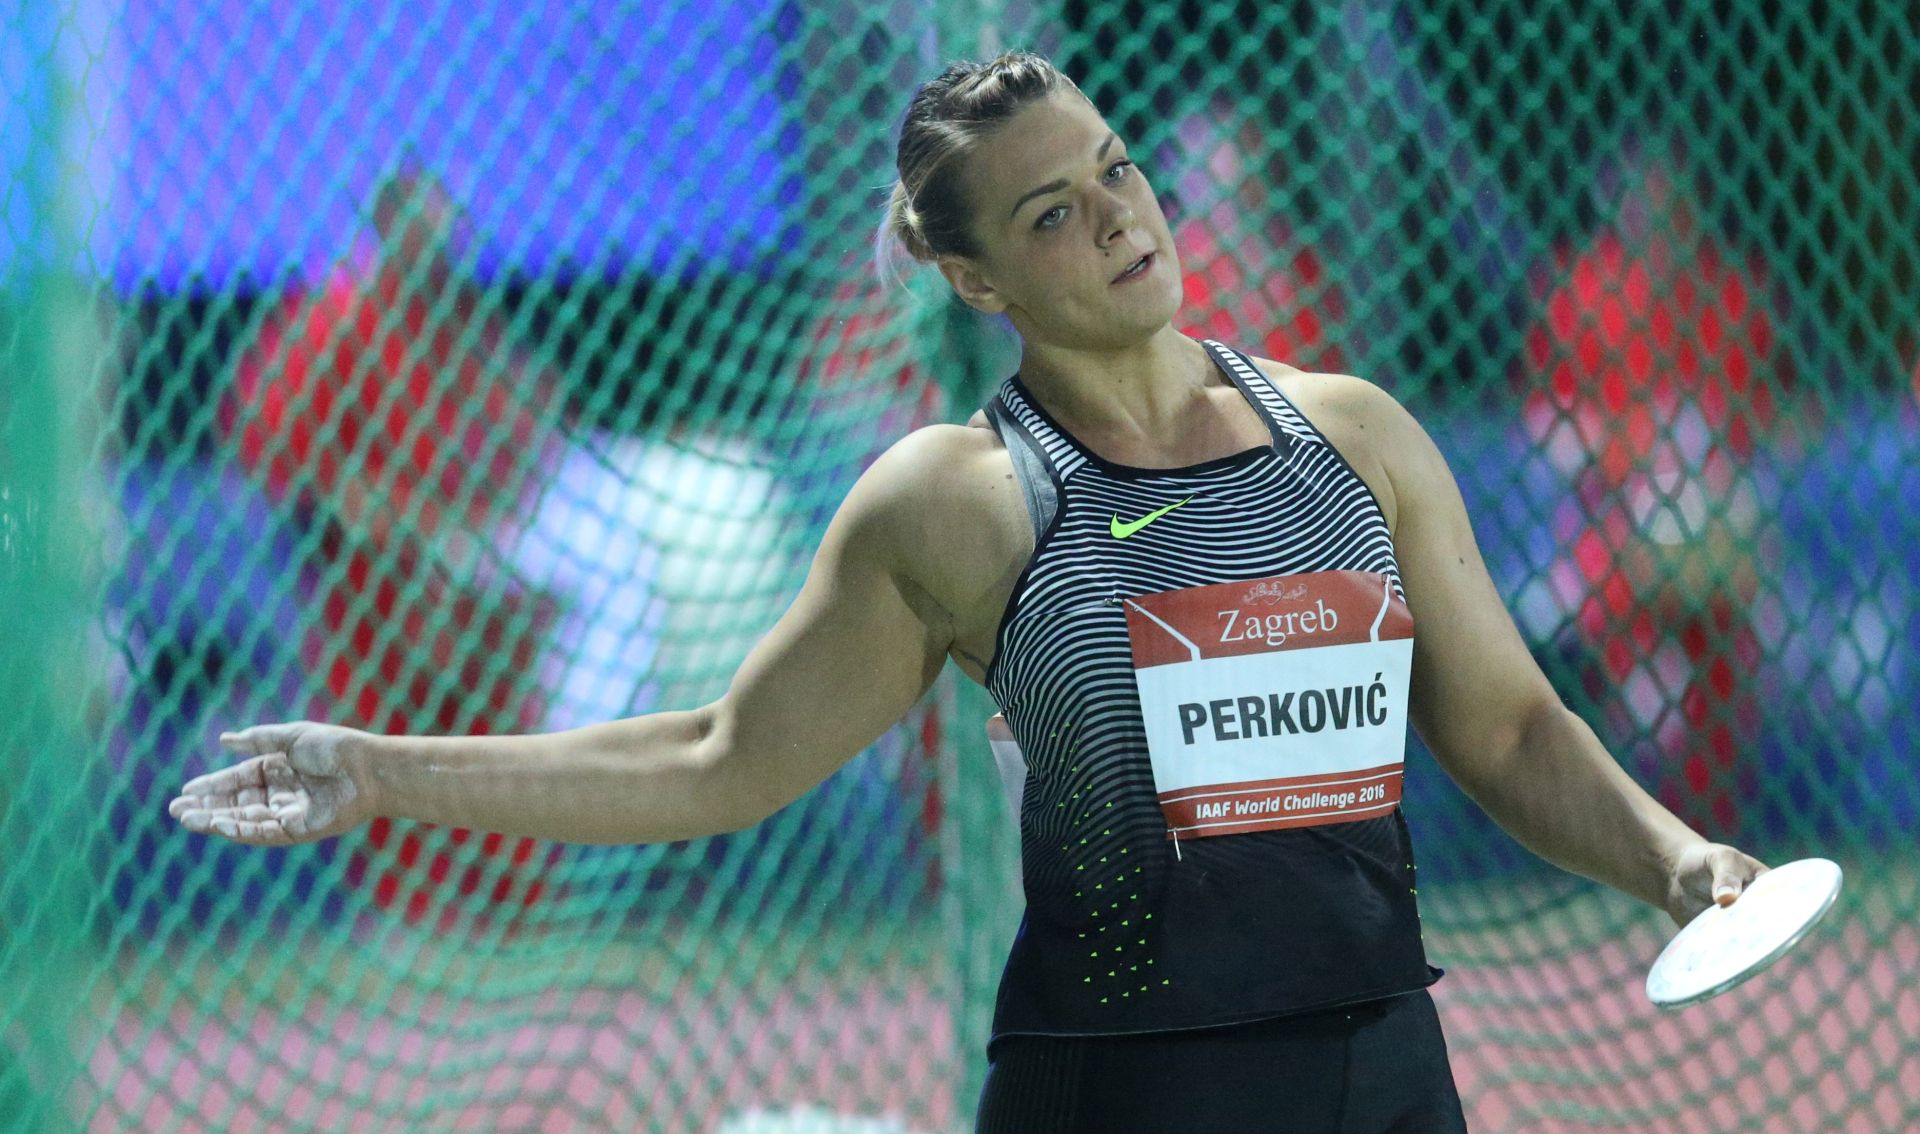 HANŽEKOVIĆEV MEMORIJAL: Perković završila sezonu bez poraza, Horvat najbolji u motki